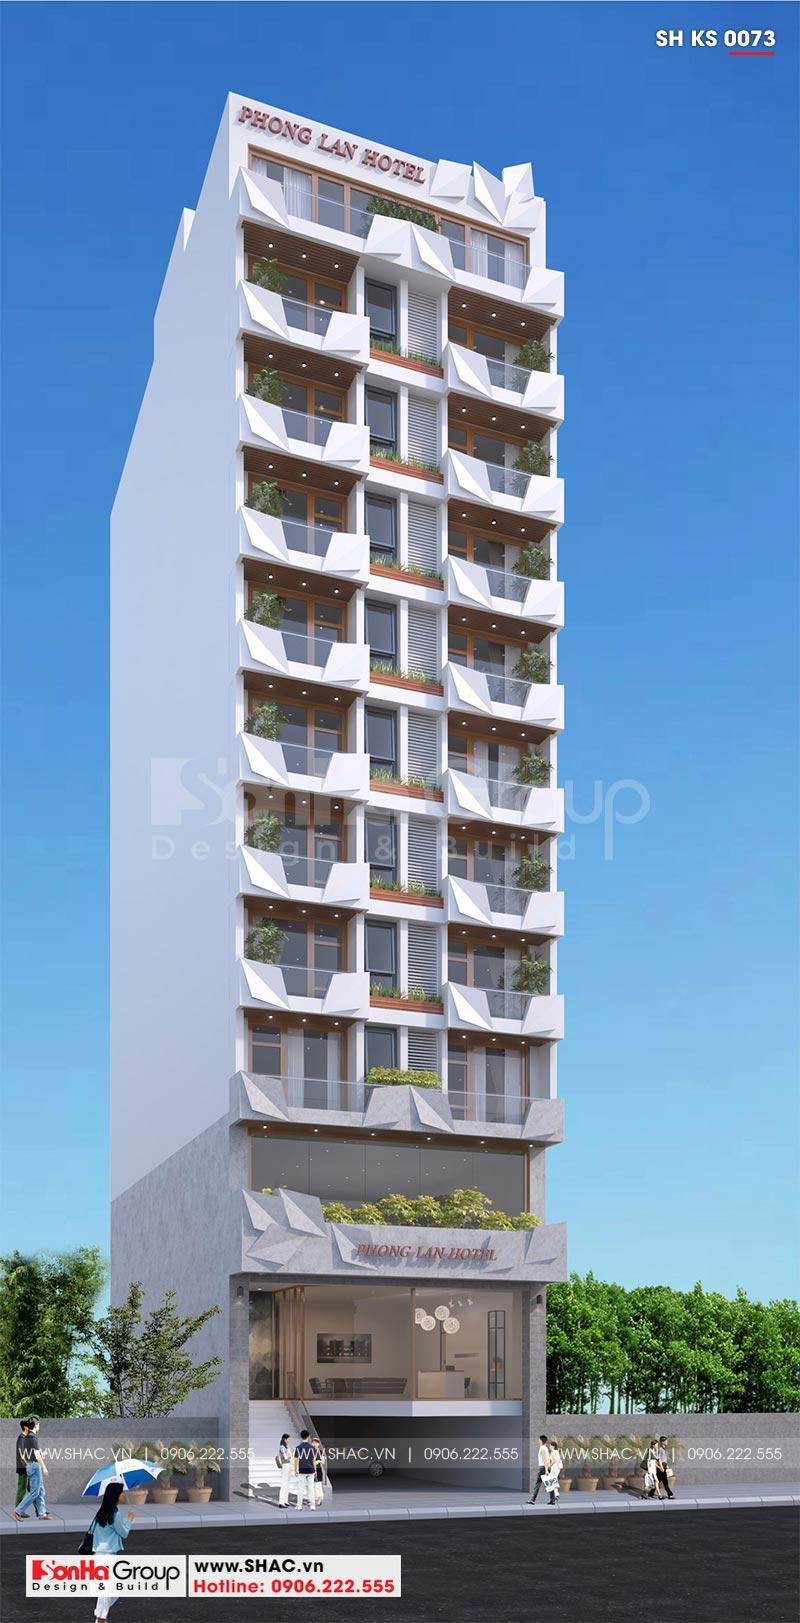 Thiết kế khách sạn hiện đại 12 tầng tiêu chuẩn 3 sao tại Bình Định - KS 0073